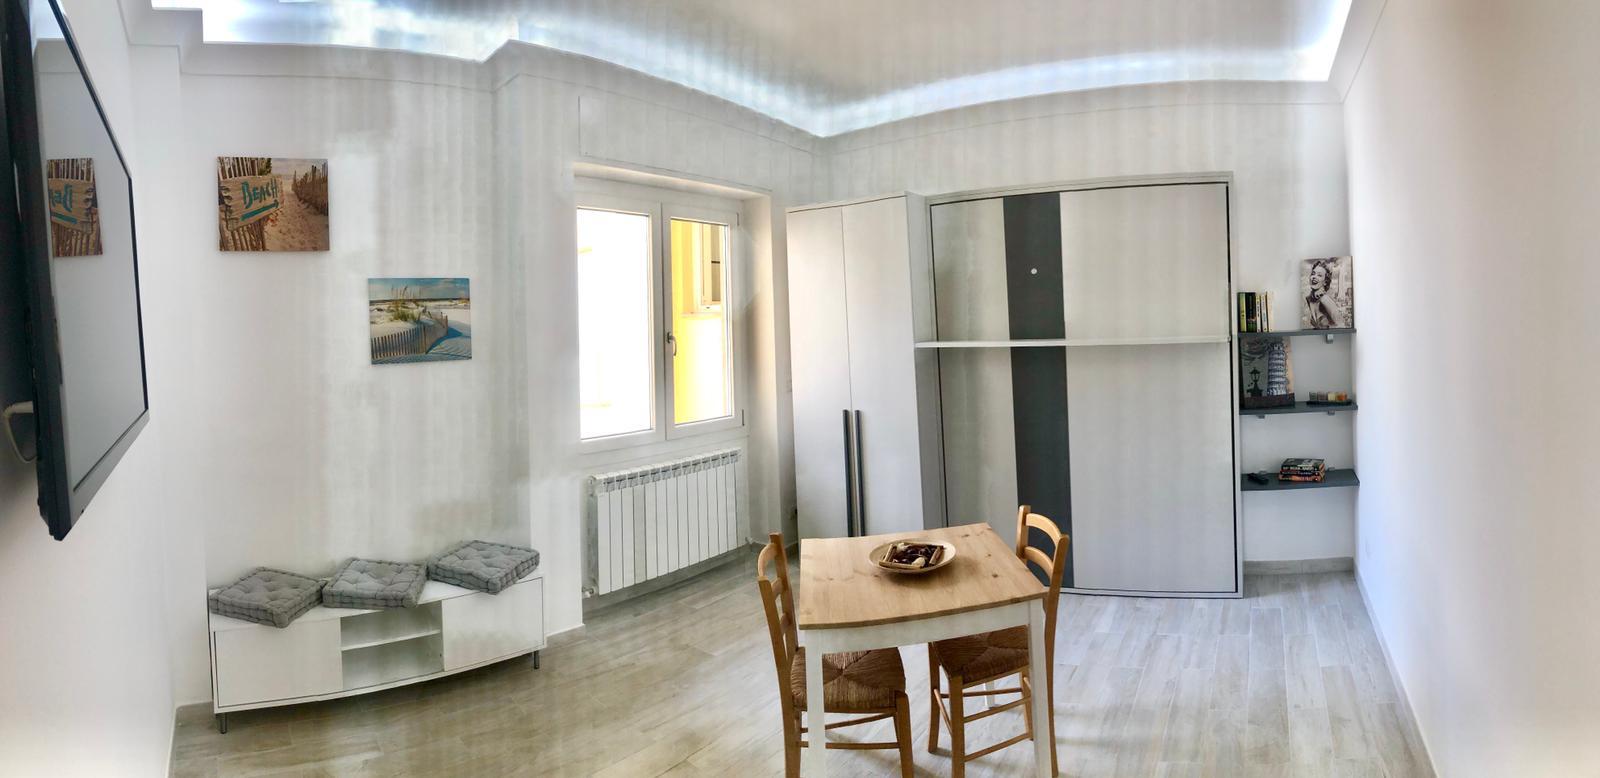 Sanremo, zona Foce, a pochi passi dal mare monolocale ristrutturato ed arredato